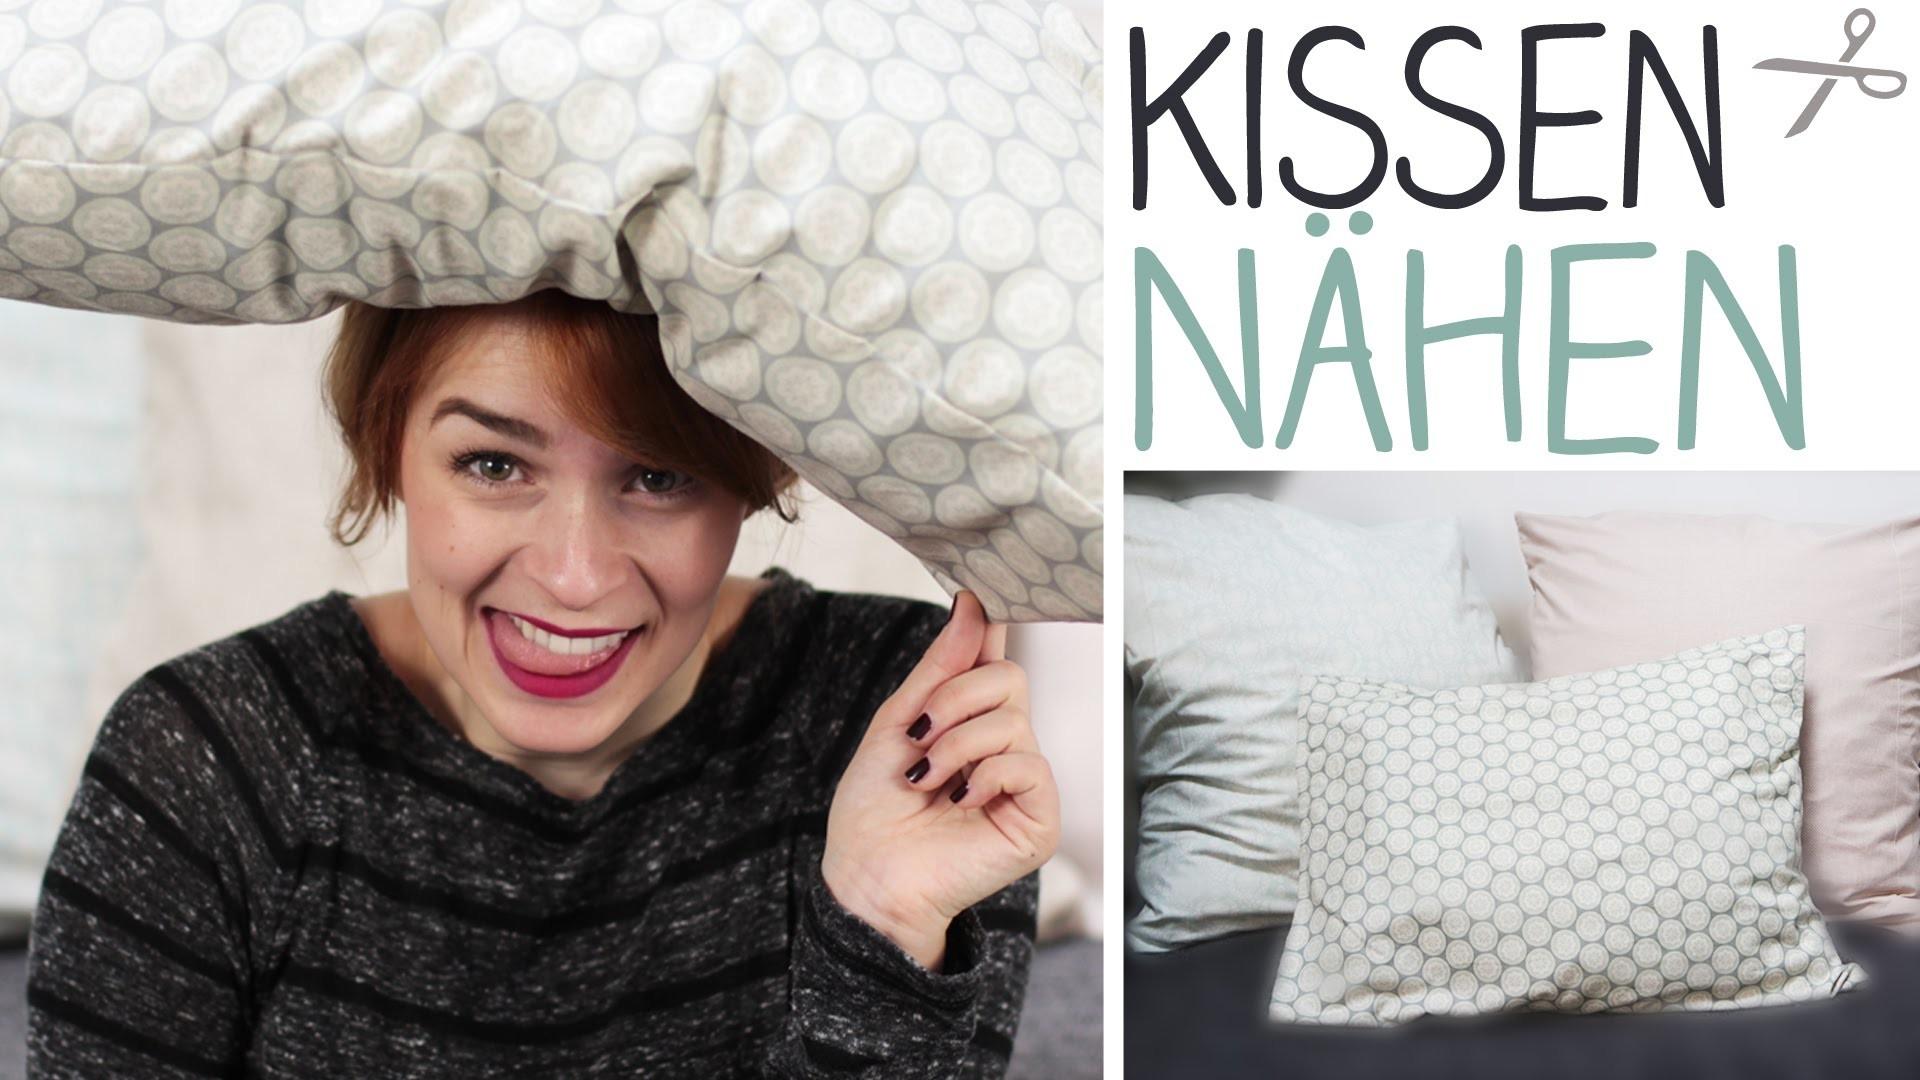 DIY Kissenbezug nähen für Anfänger ohne Reißverschluss oder Knöpfe - Schlupfbezug - alive4fashion